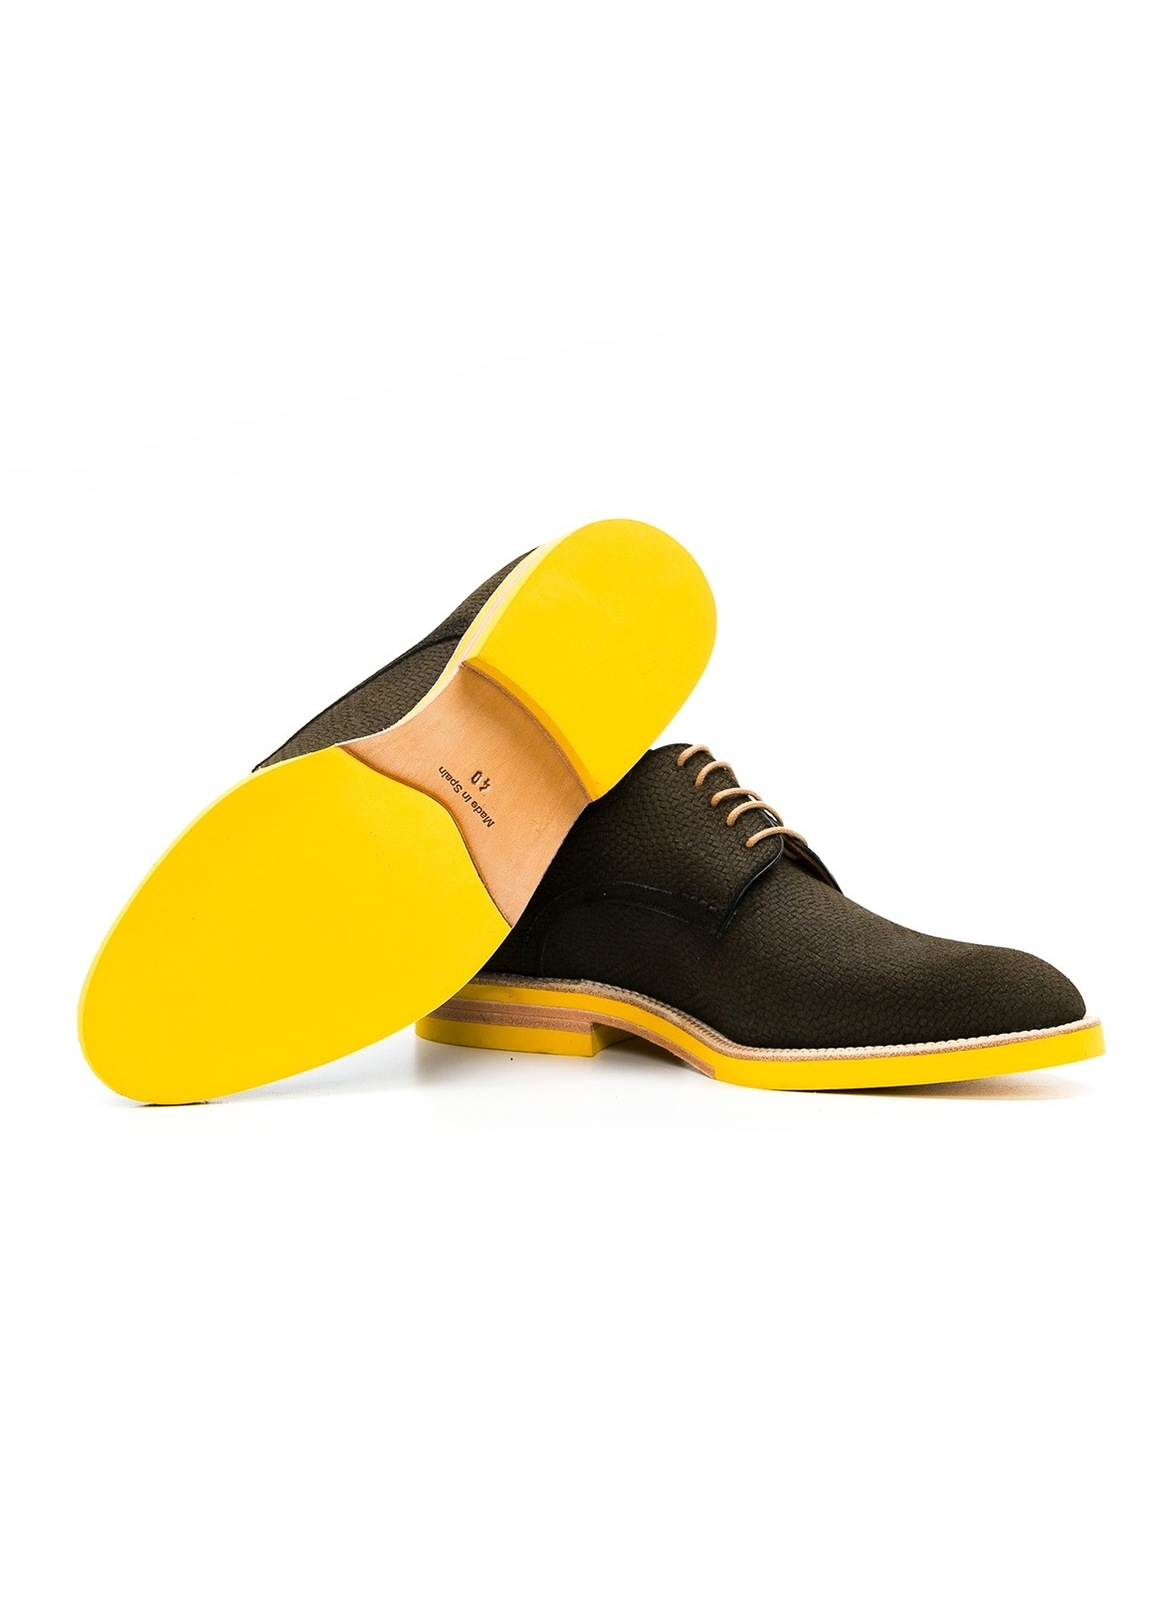 Calzado Sport Wear color kaki, 100% Serraje. - Ítem2